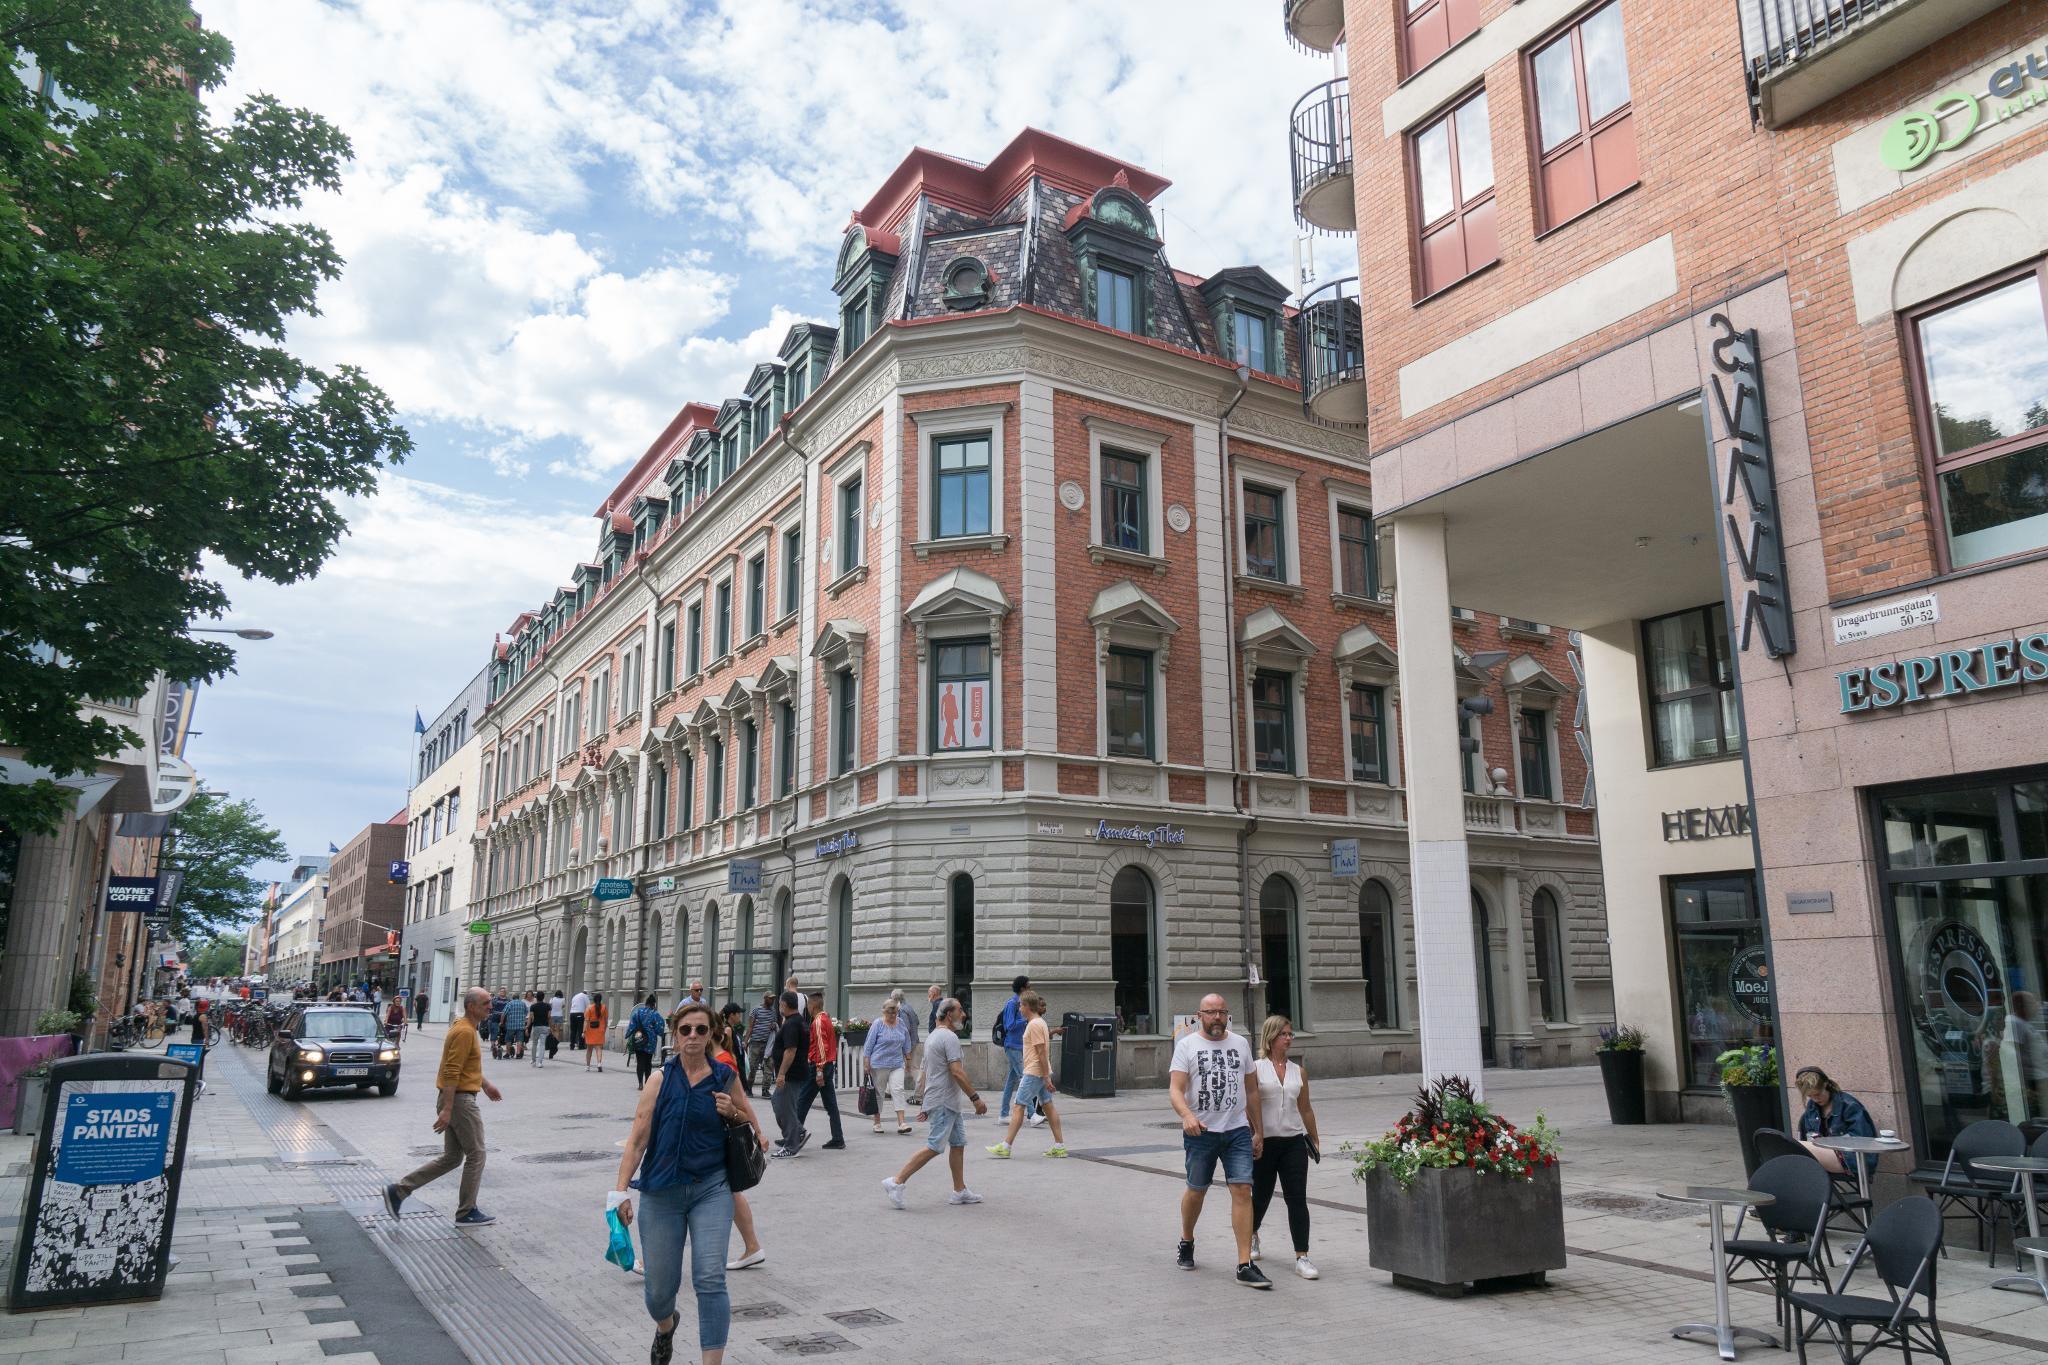 【北歐景點】瑞典的歷史縮影 — 老城烏普薩拉(Uppsala)的人文風景 4